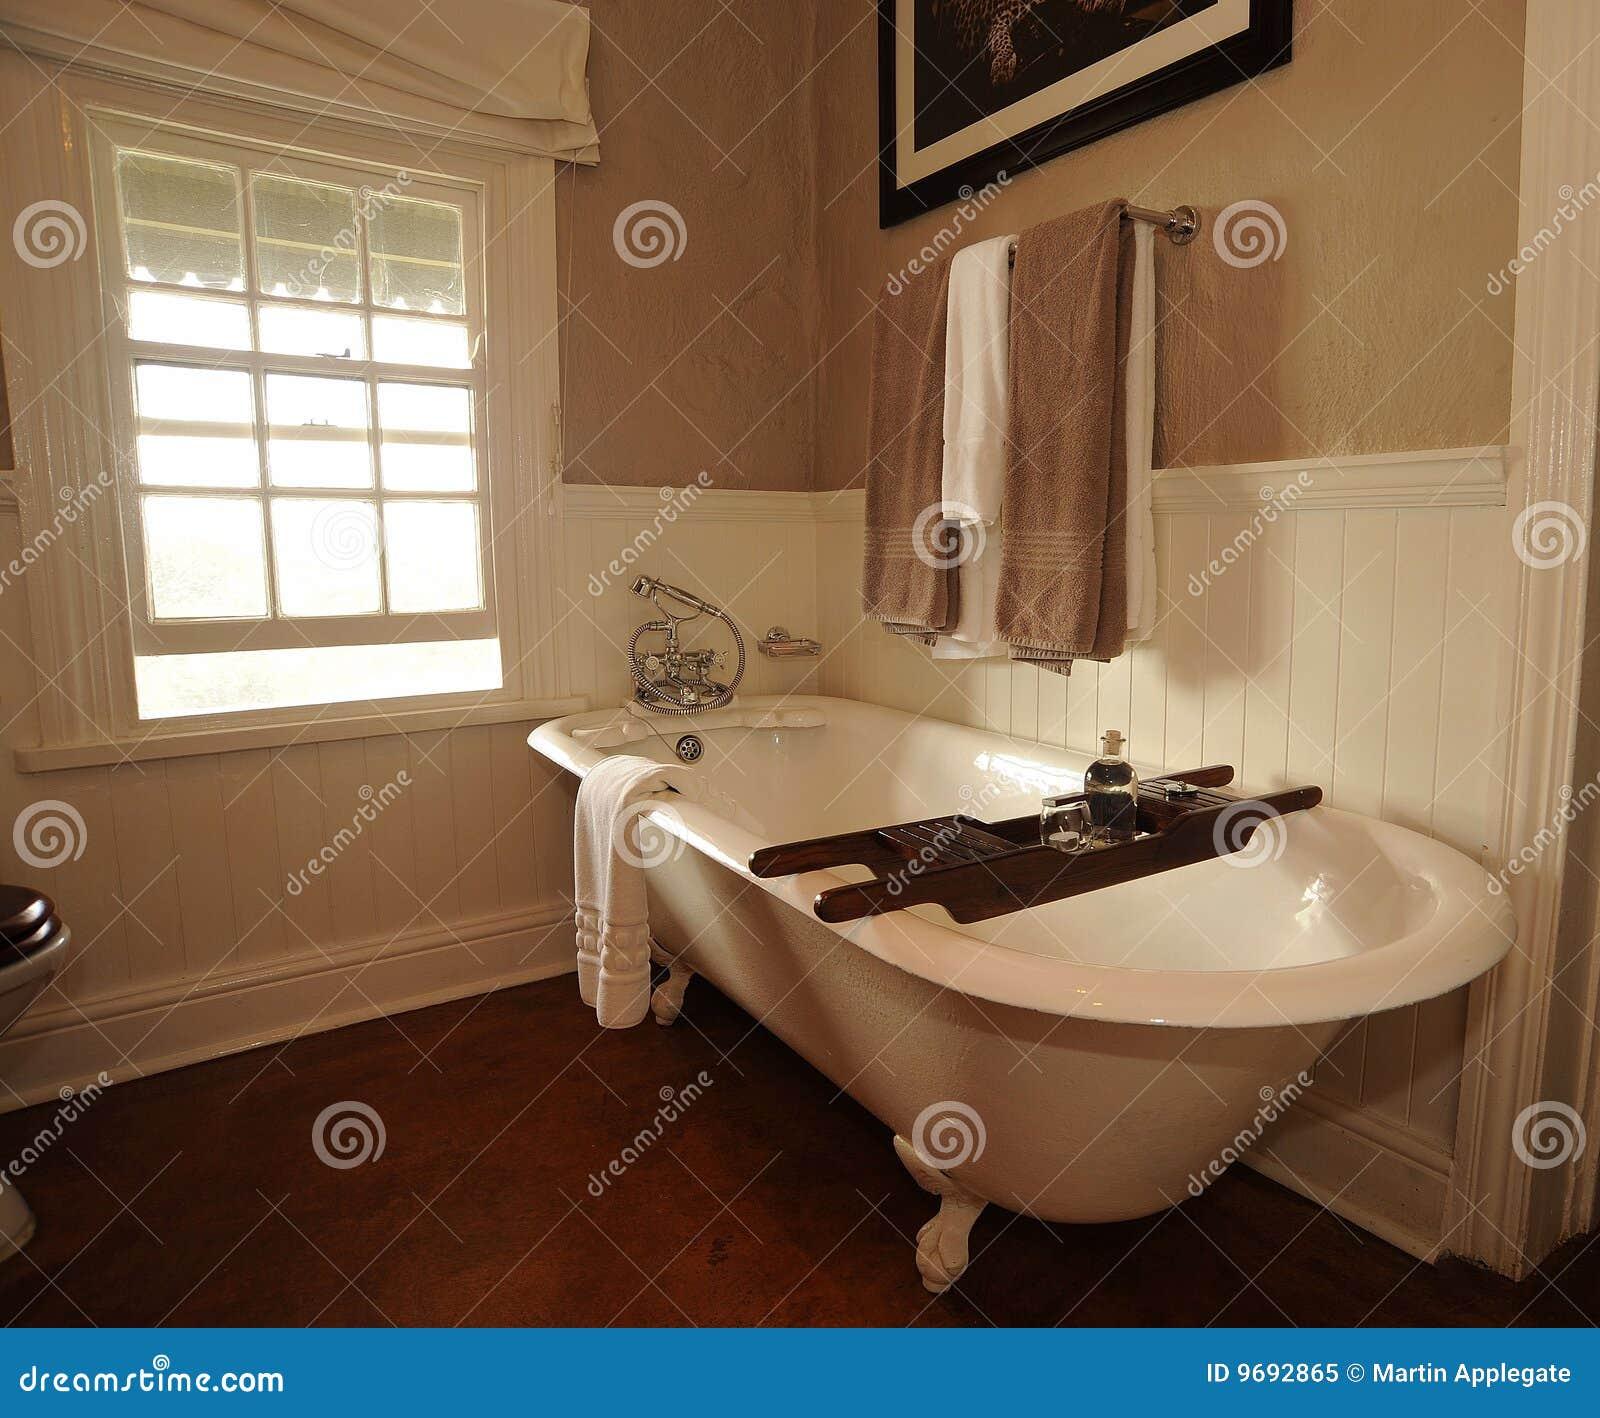 Banheiro Com Banheira Foto de Stock Royalty Free  Imagem 9692865 -> Um Banheiro Com Banheira